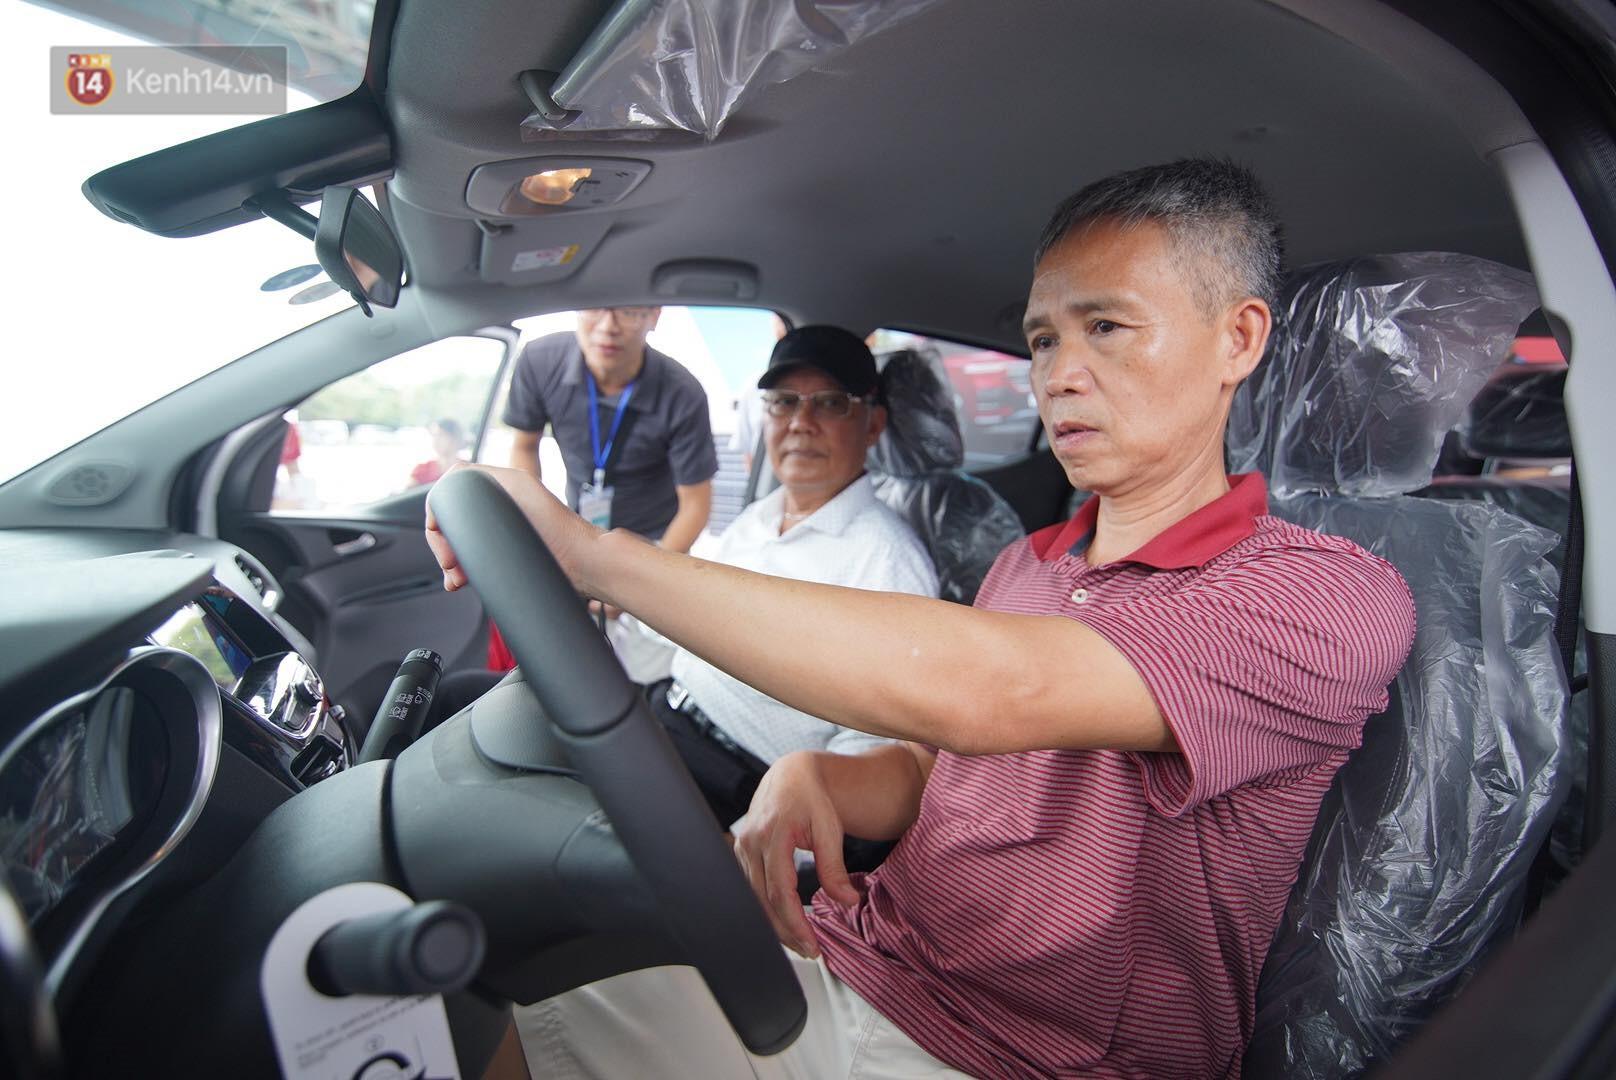 VinFast bàn giao hàng trăm xe ô tô Fadil, khách hàng tự hào: Người Việt dùng hàng Việt! - Ảnh 10.